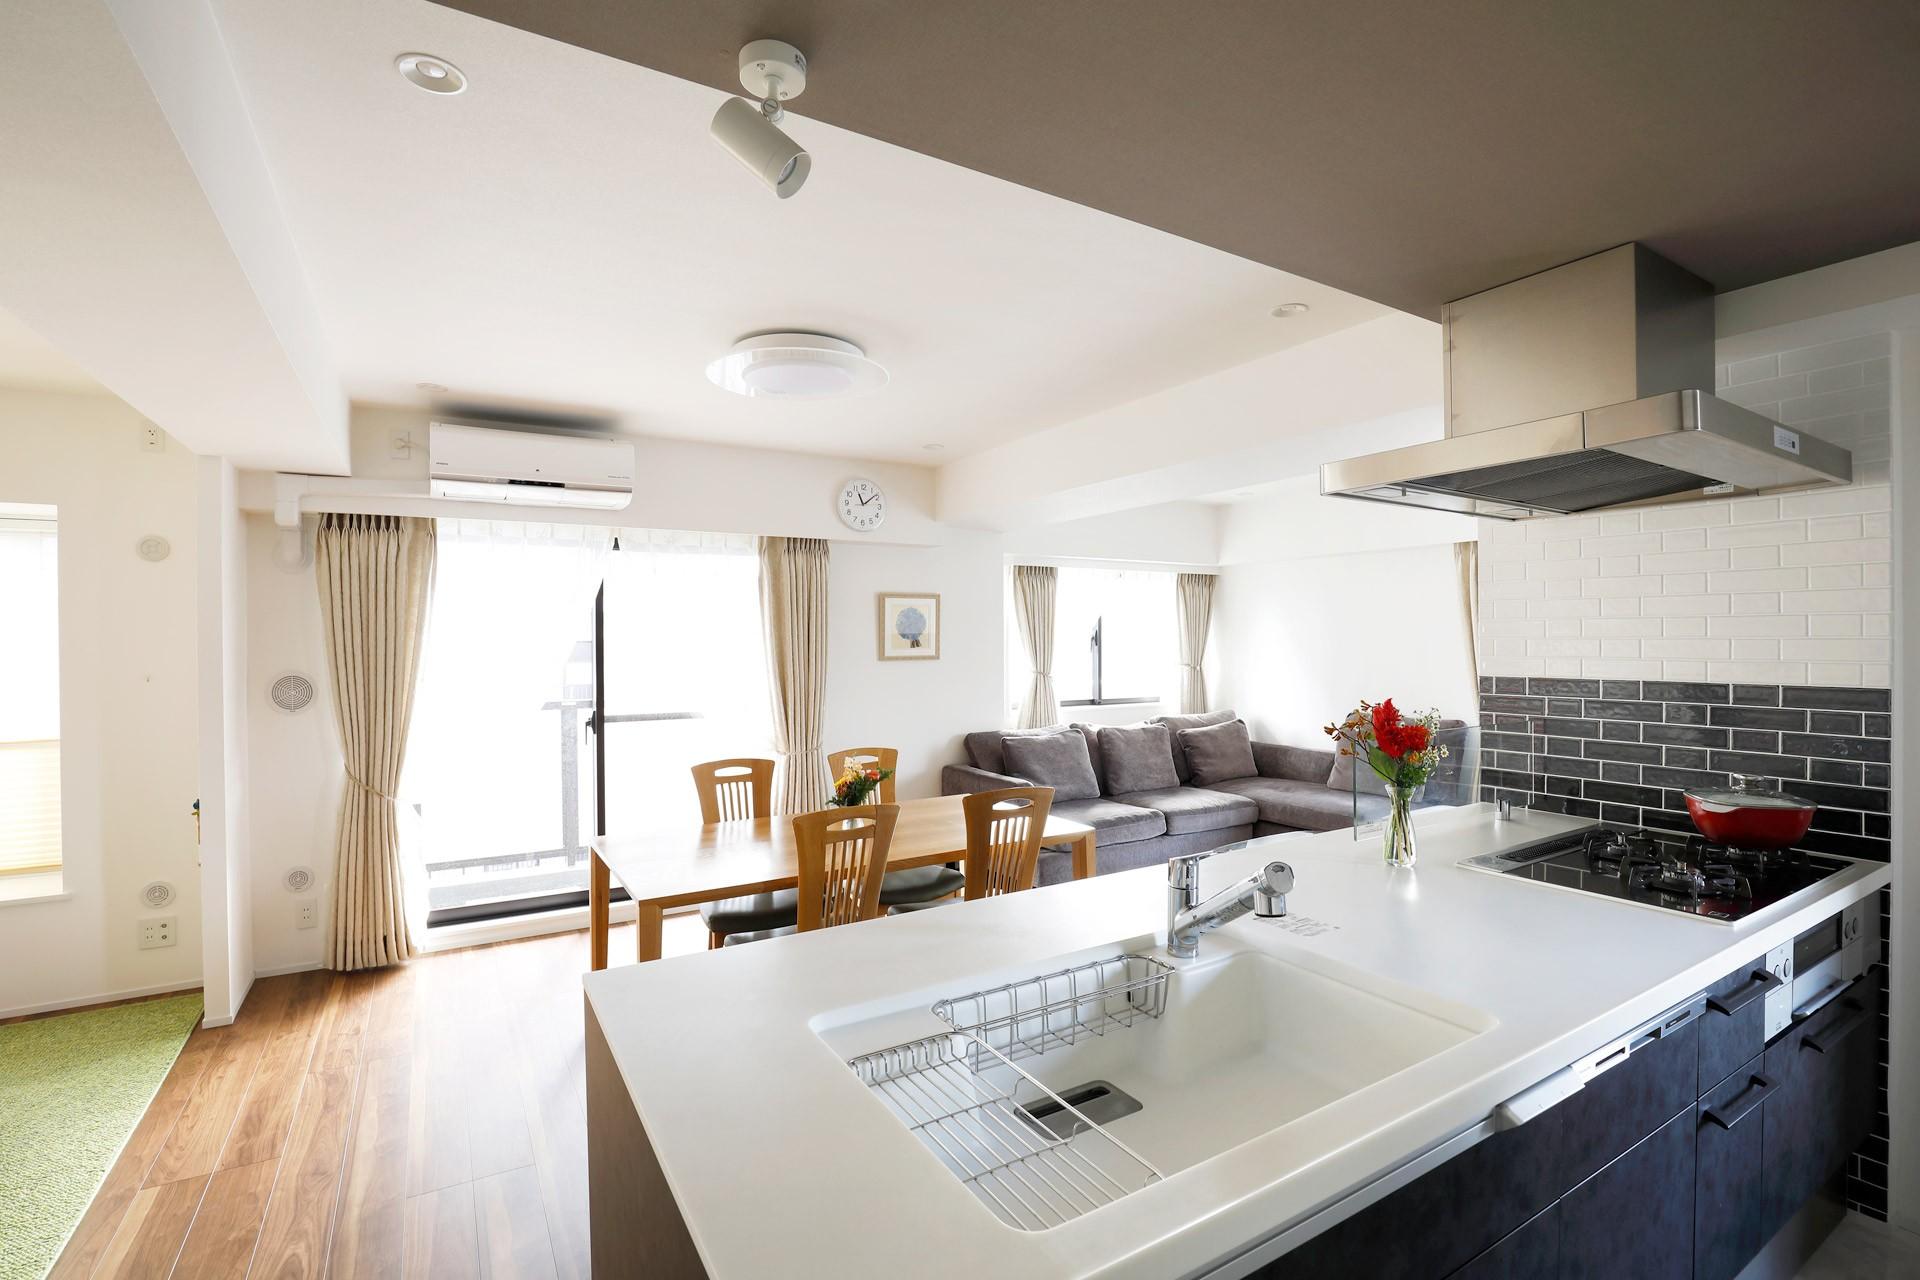 一見シンプルな住まいながら、来客には見えないオシャレにもこだわった家。 (家族が見渡せるキッチン)